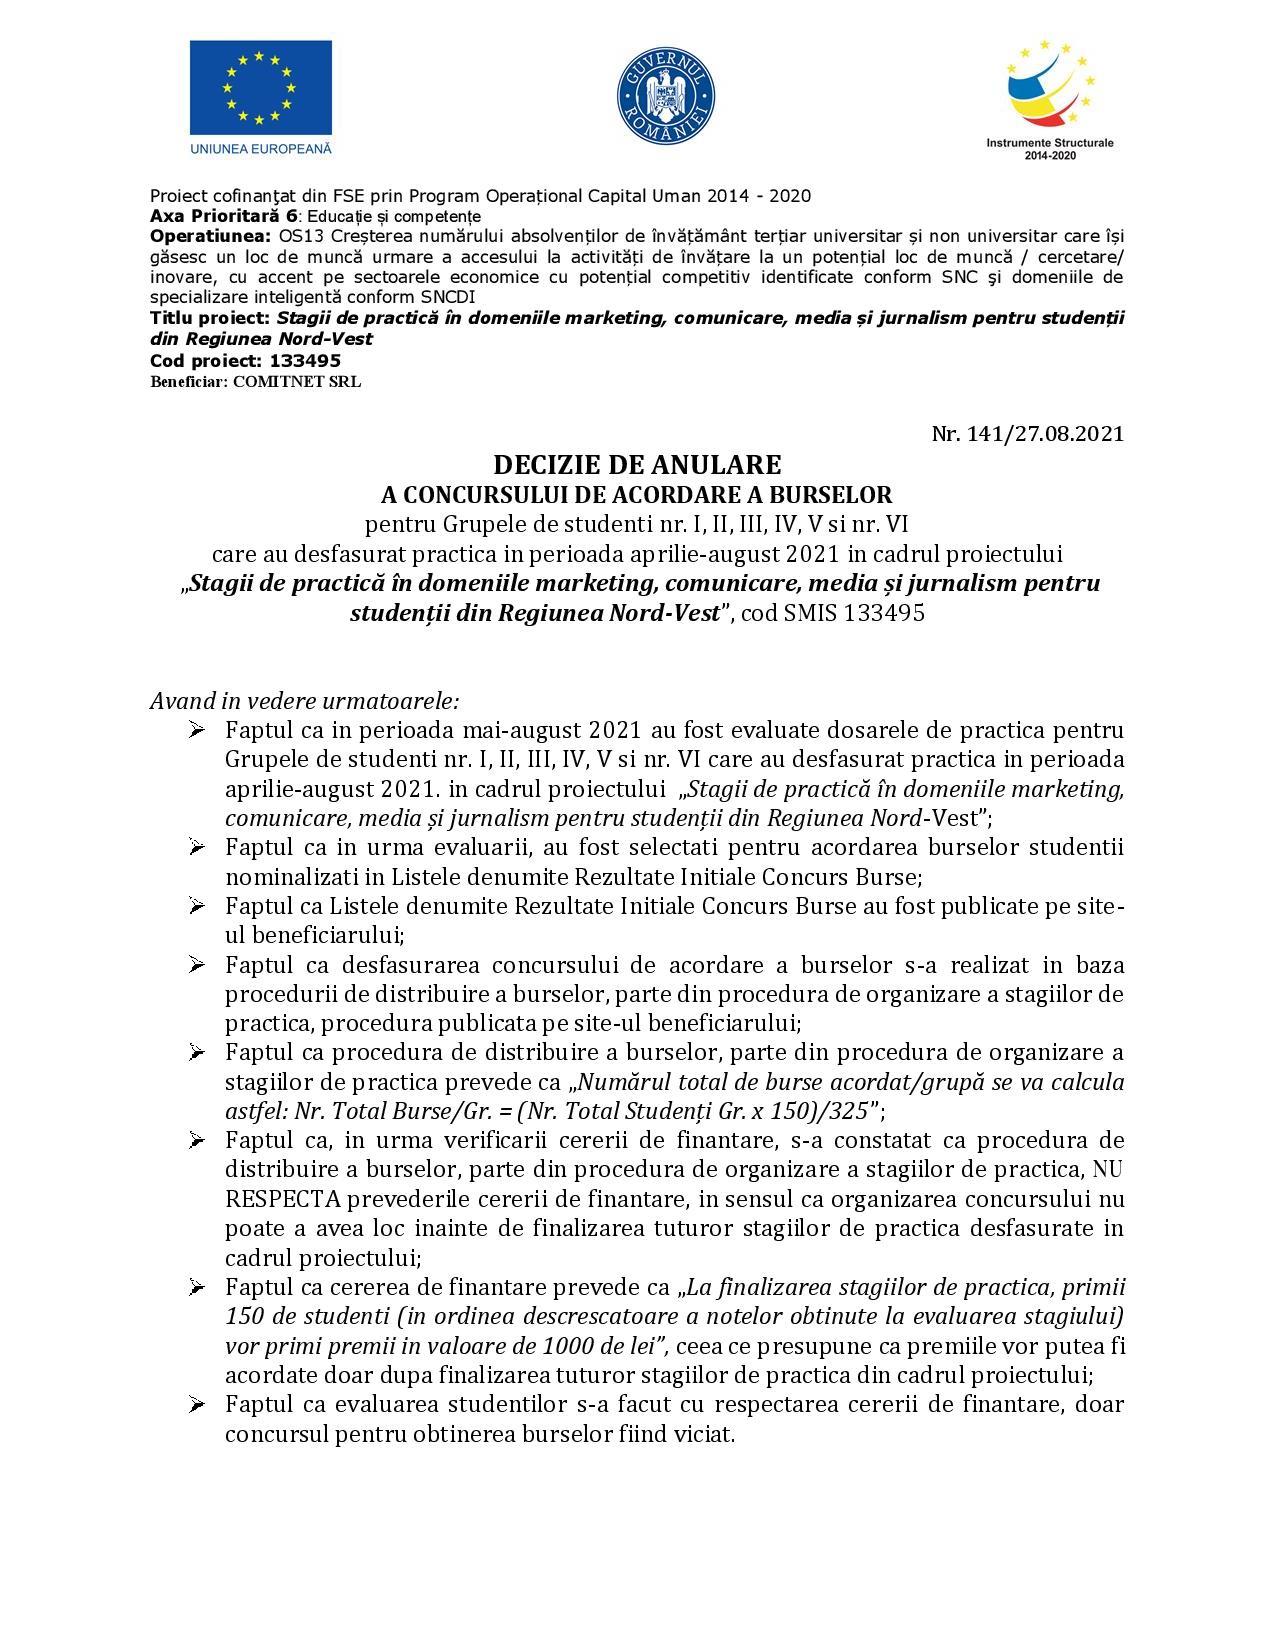 COMITNET_ Decizie anulare concurs-page-001